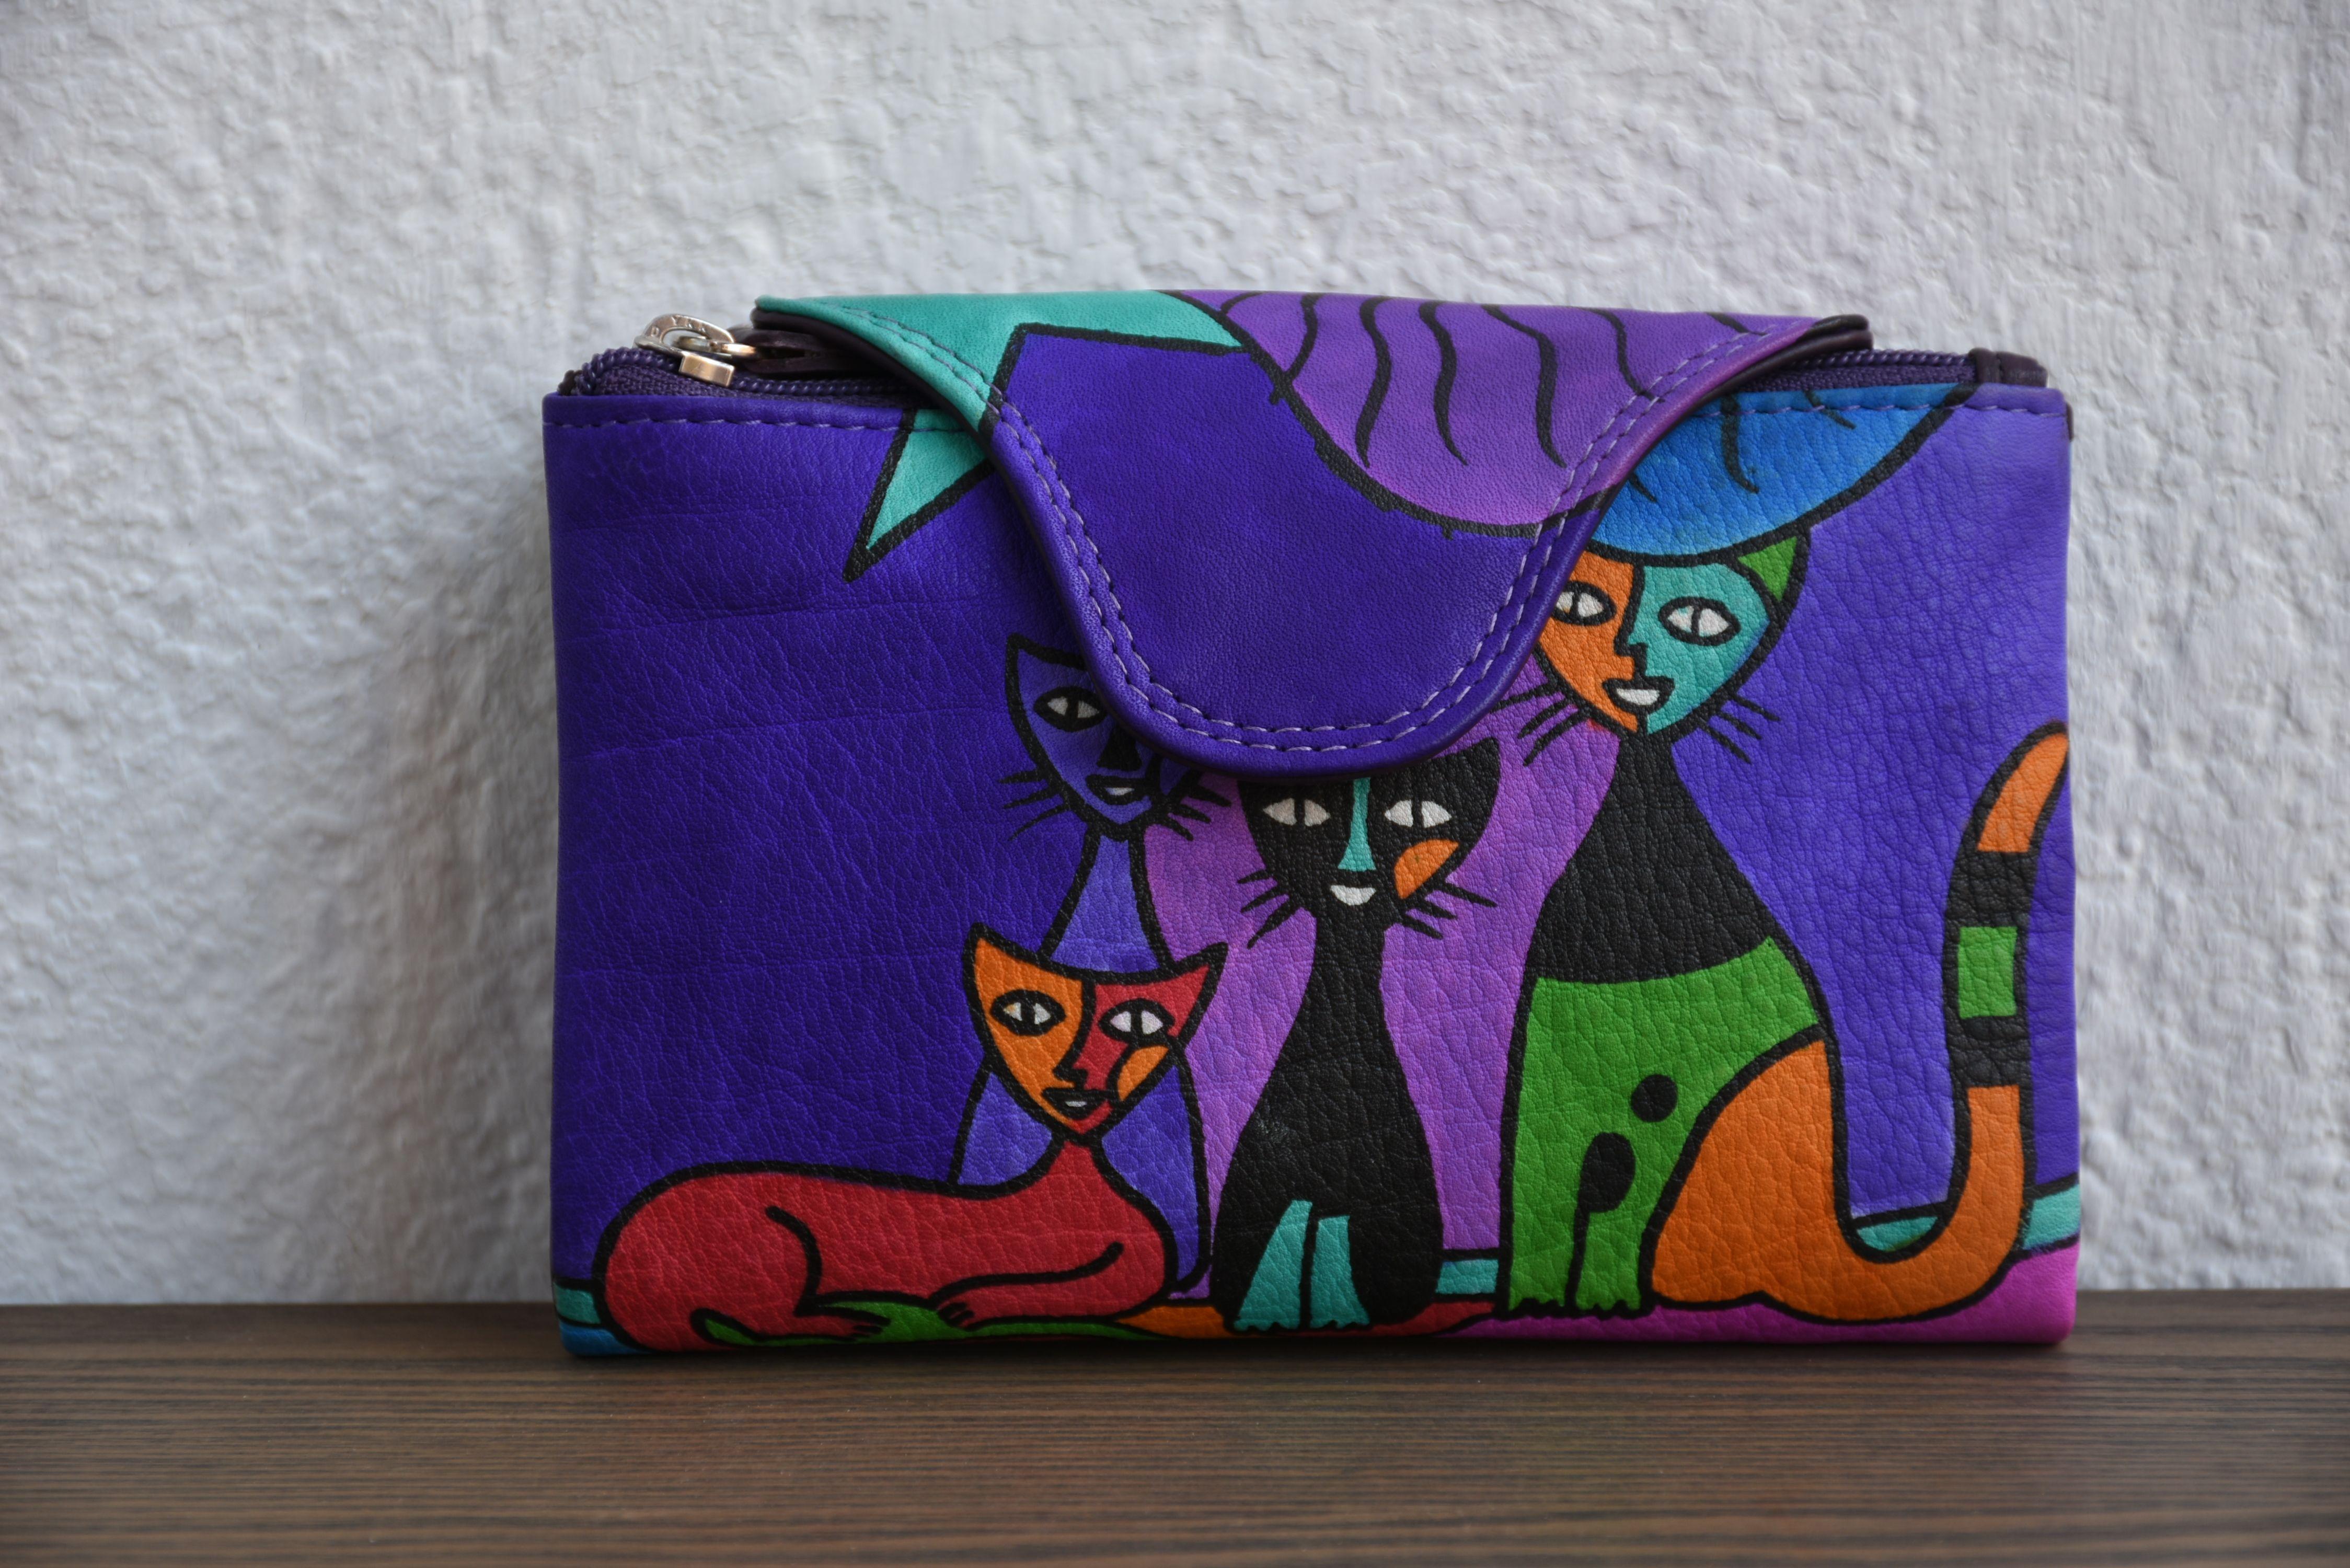 d82f7bf4c Billetero de Piel, pintado a mano con dibujo de gatos. Descripción:  Billetero,